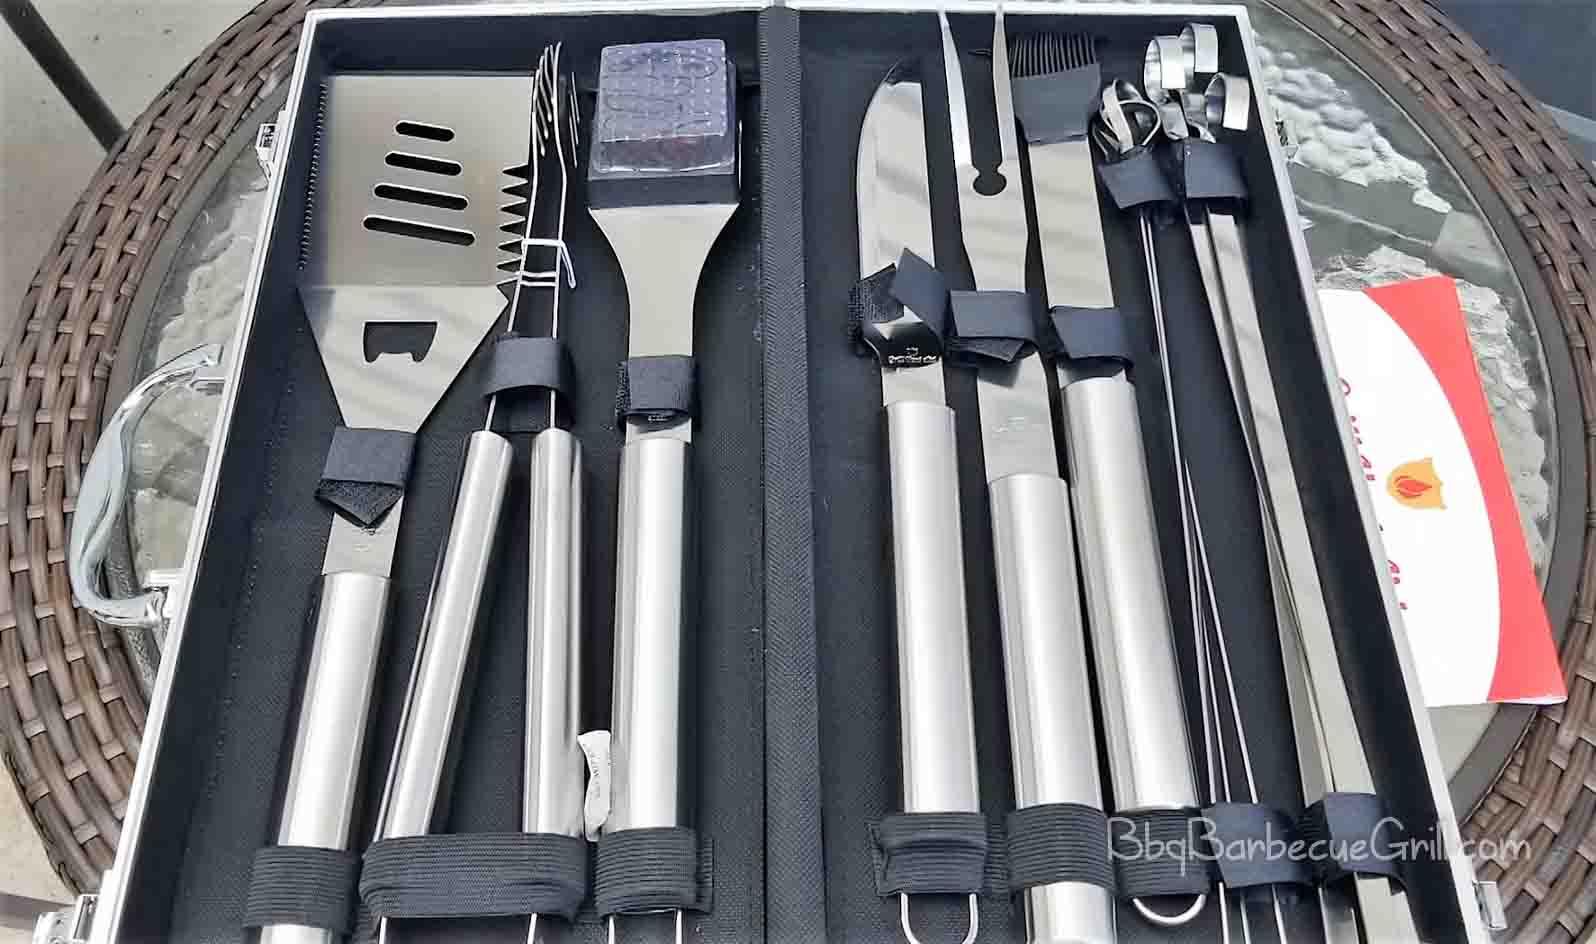 Best professional bbq tools